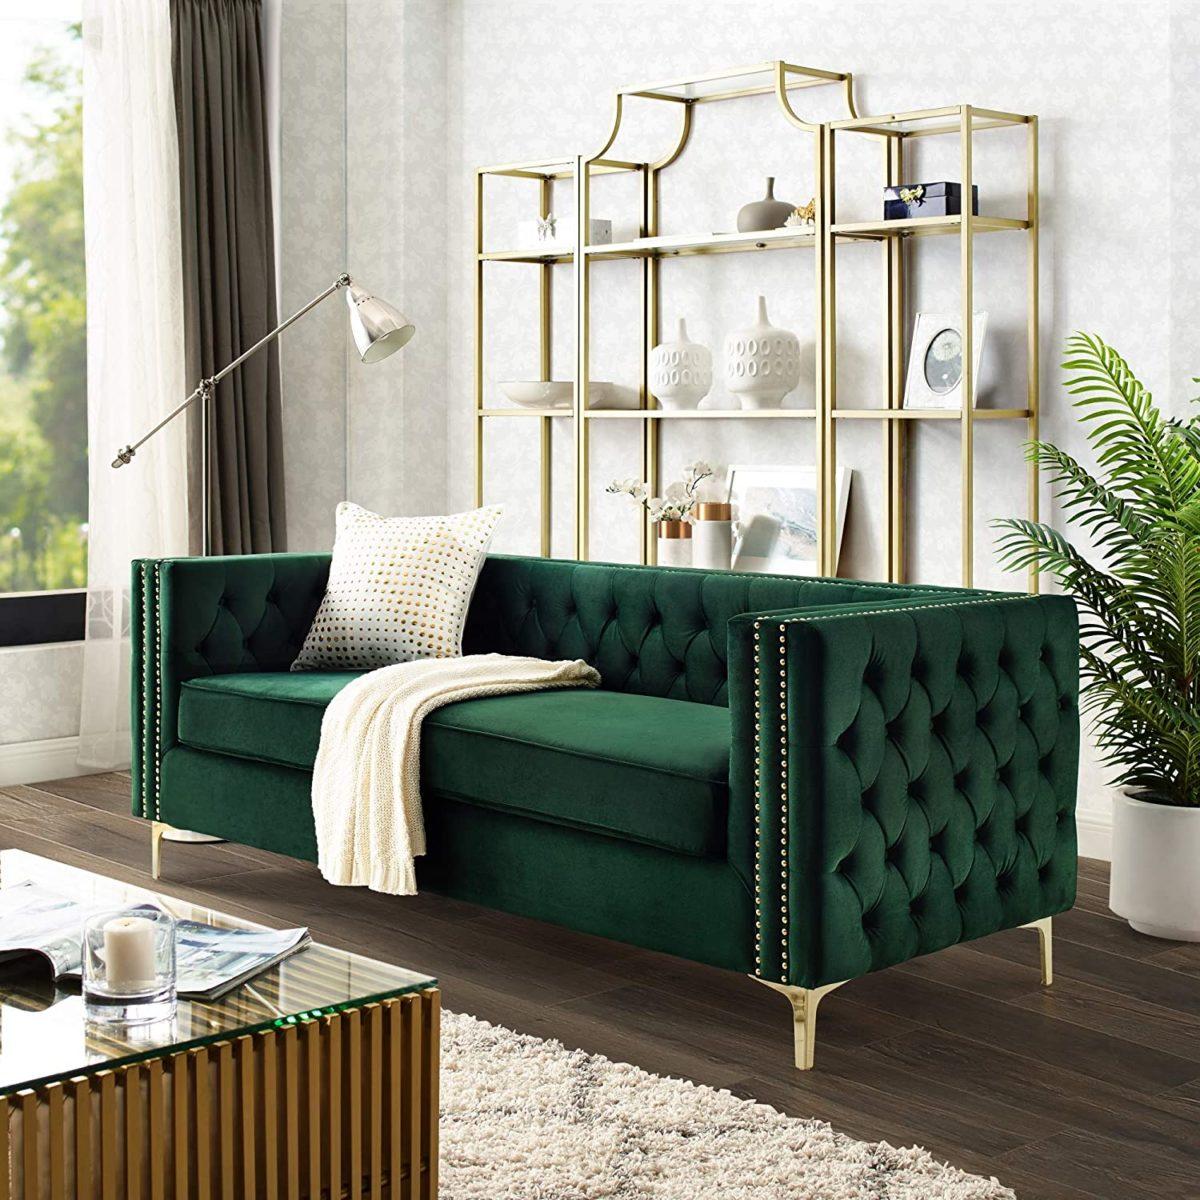 soggiorno-verde-10-idee-di-arredo-1